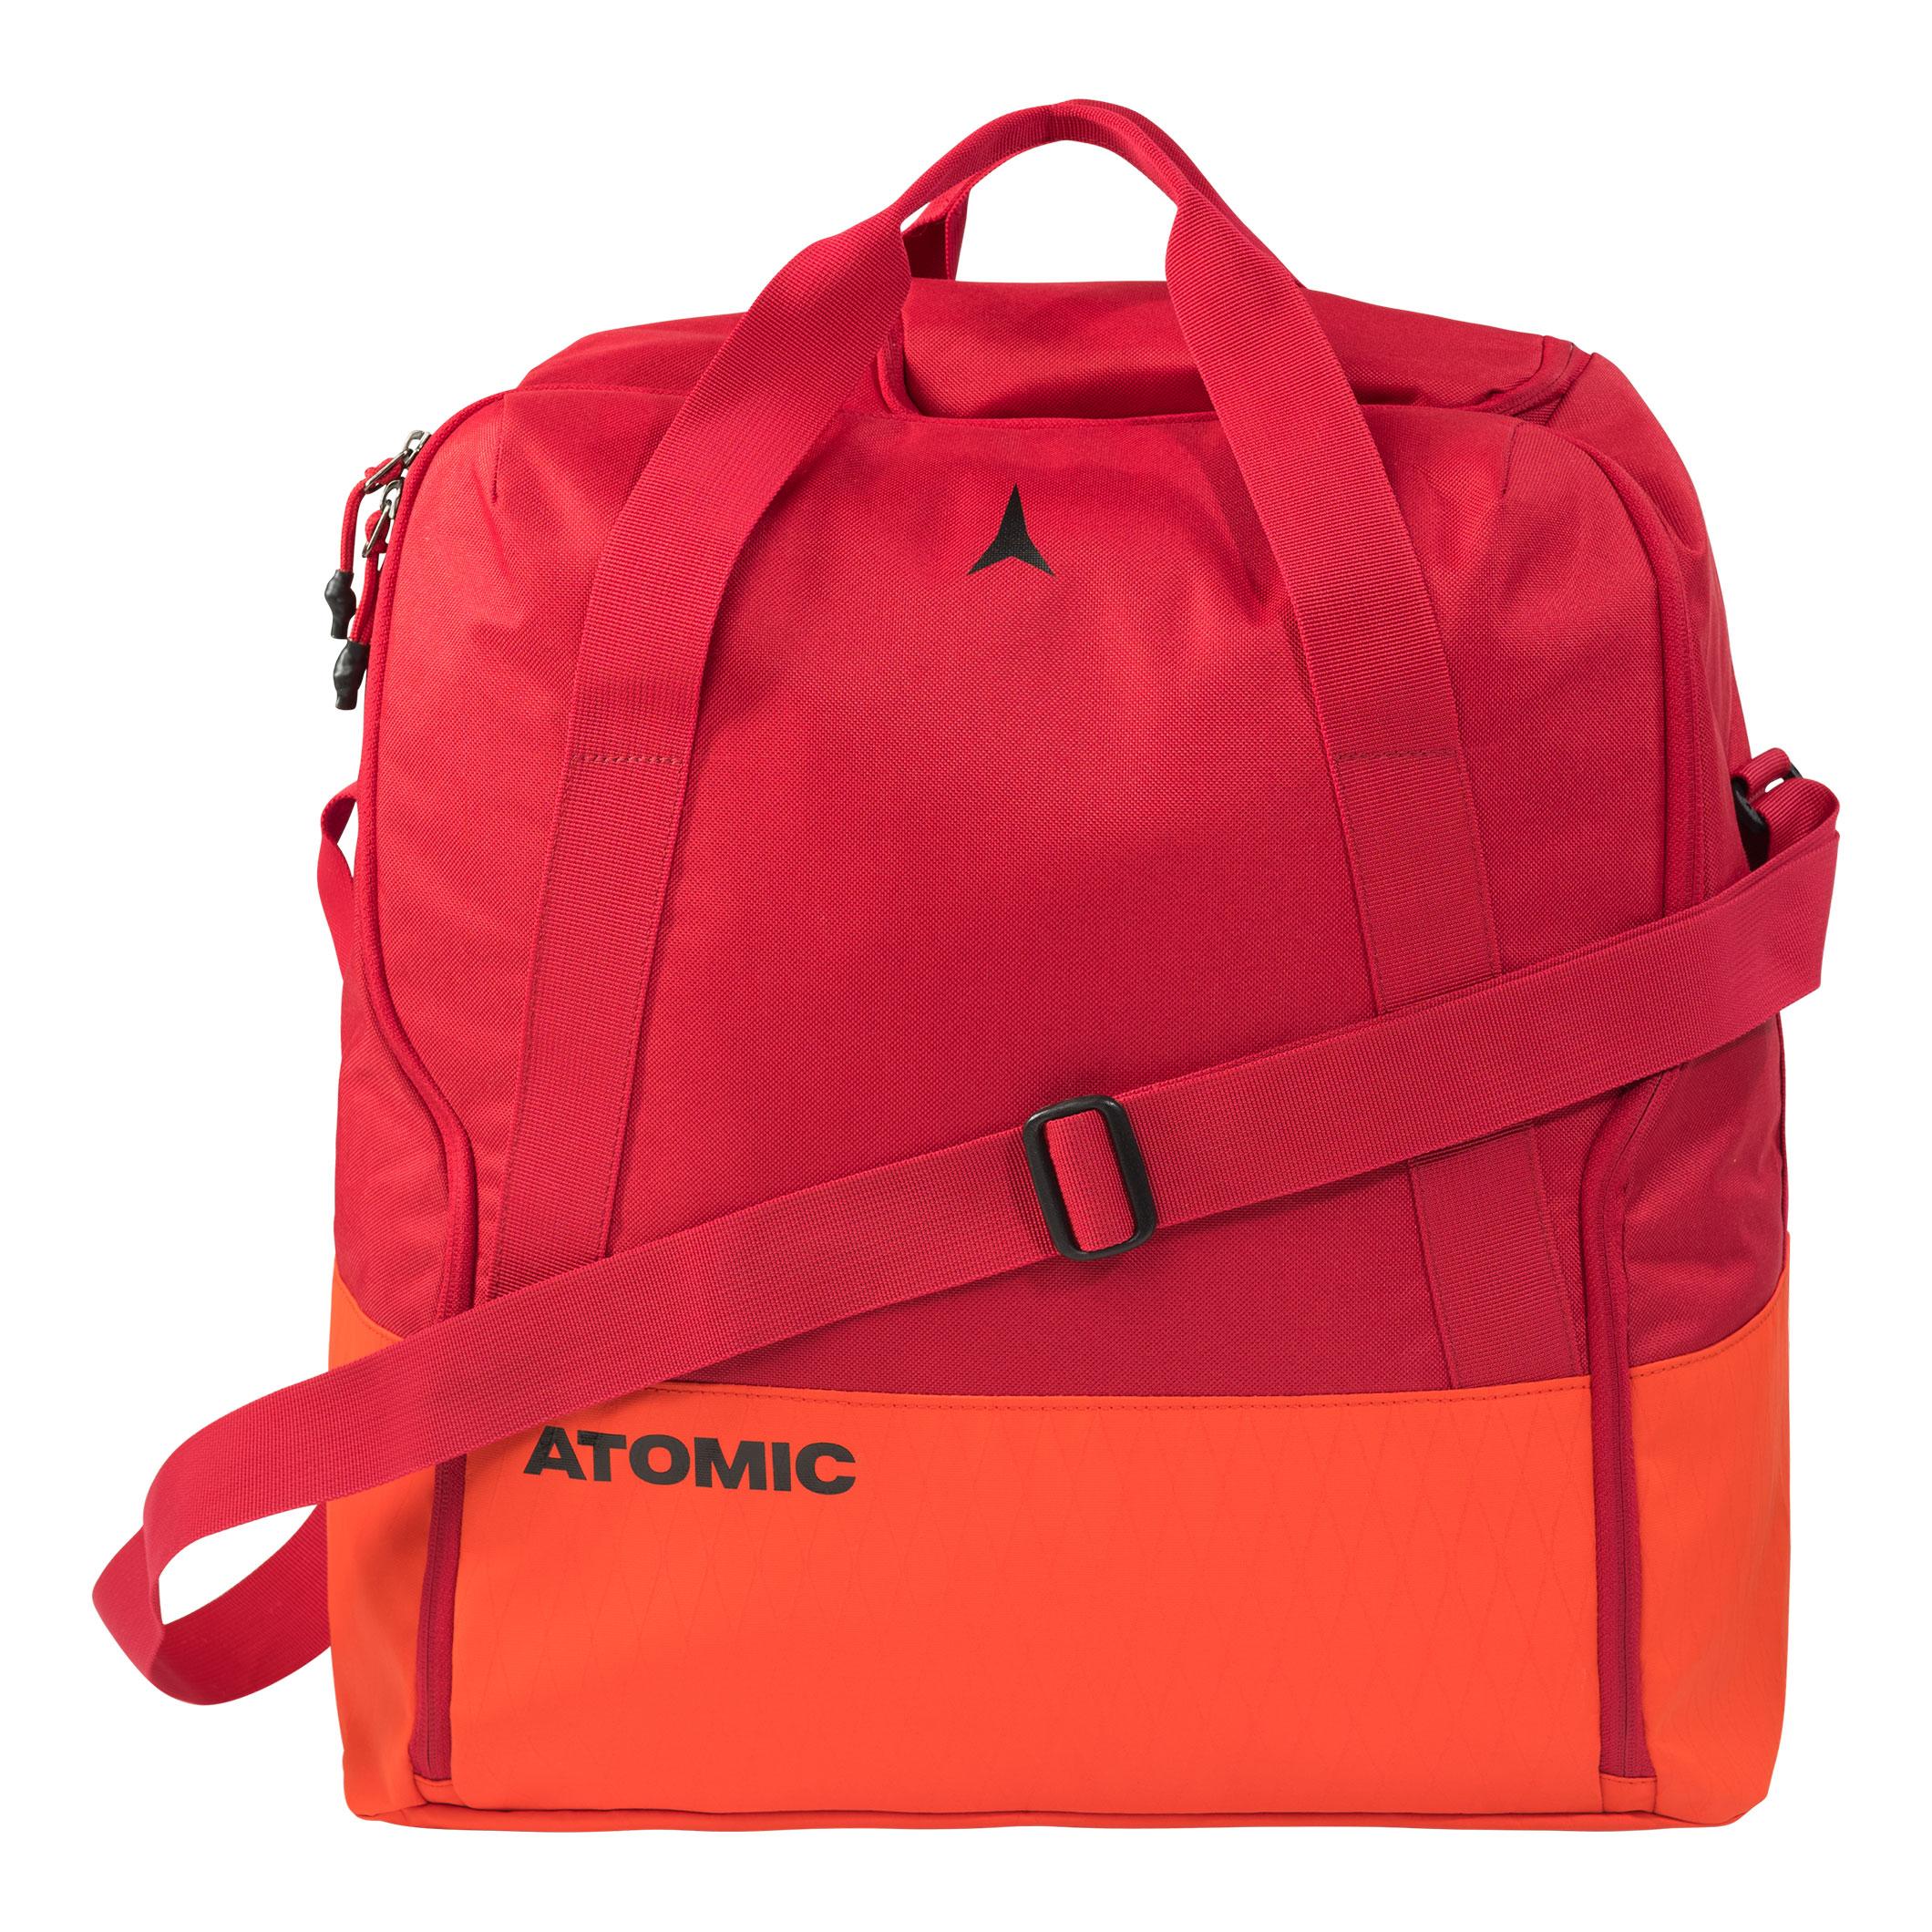 atomic skischuhtasche mit helmfach boot helmet bag ski. Black Bedroom Furniture Sets. Home Design Ideas